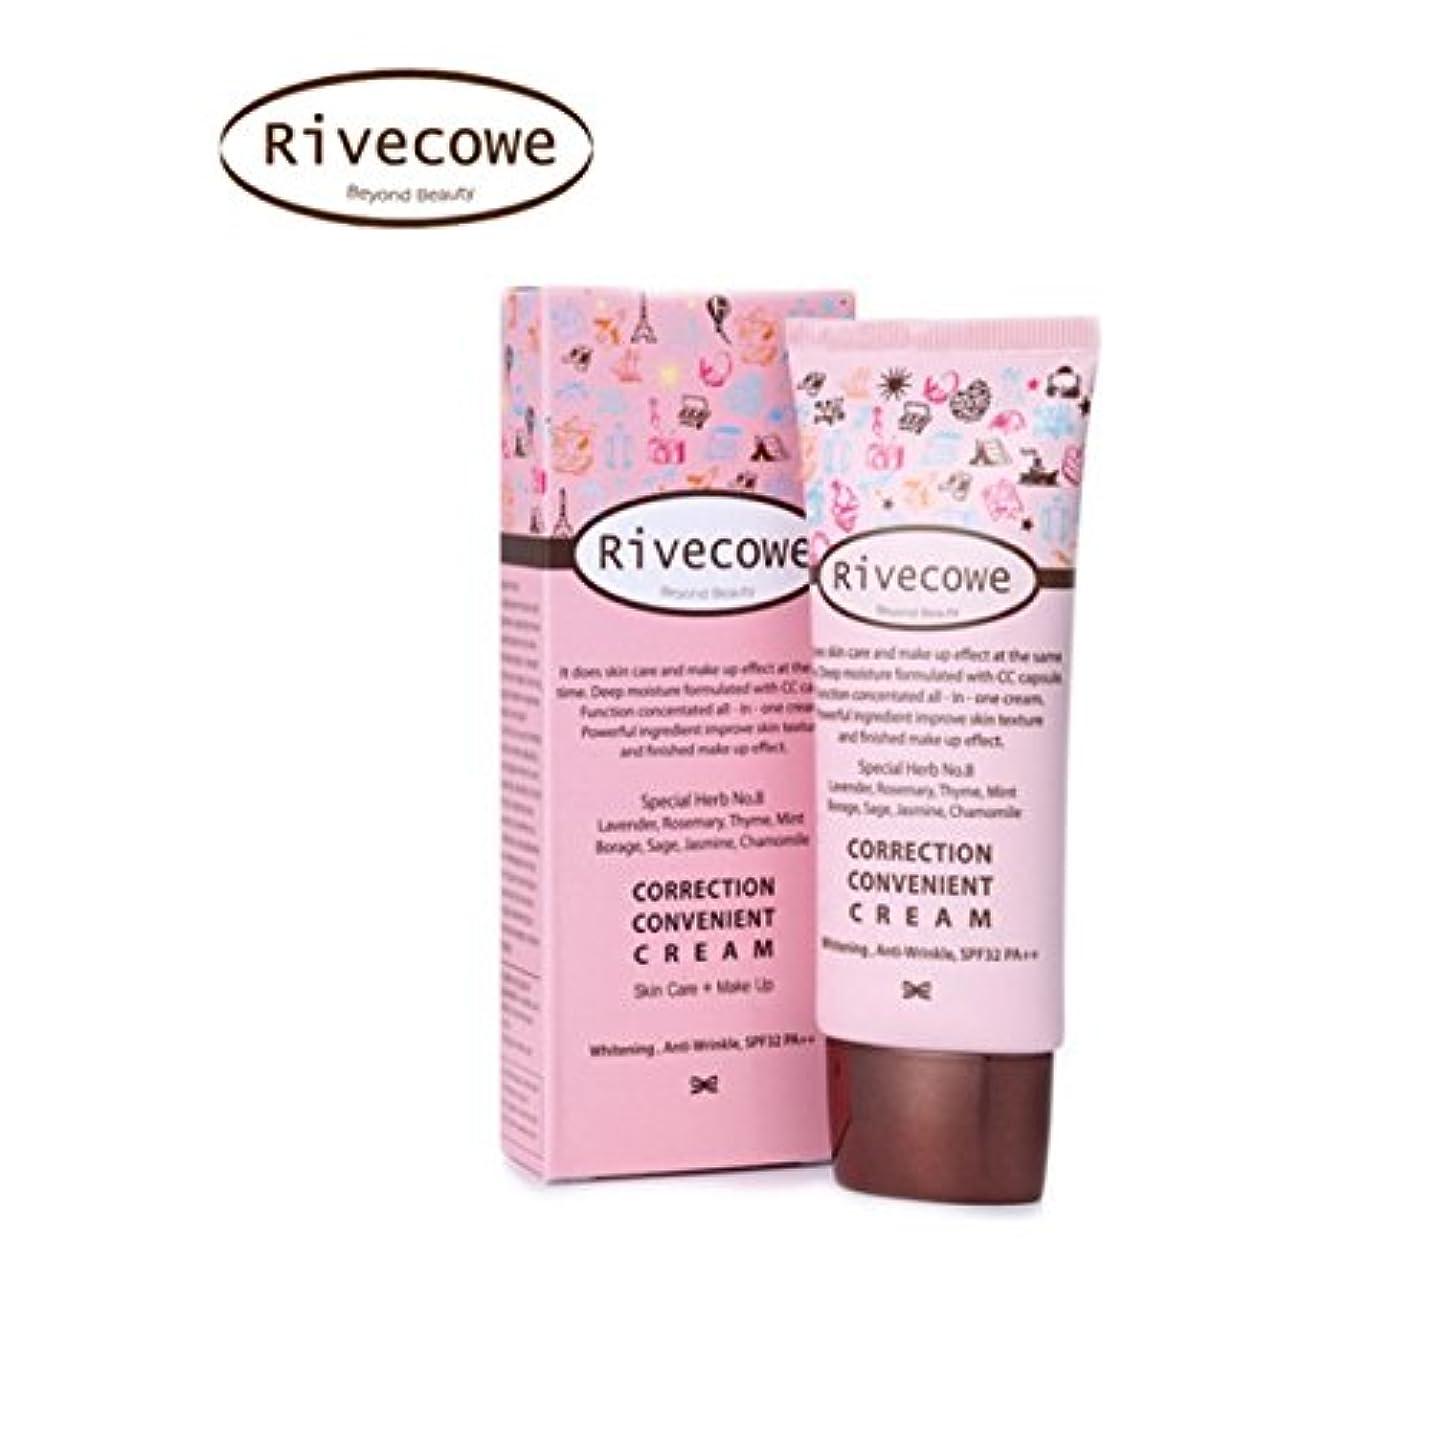 お手入れくすぐったい移行リヴコイ [韓国コスメ Rivecowe] CC クリーム (SPF32,PA++) 40ml(BB Skin Care+Makeup Foundation)/w Gift Sample [並行輸入品]